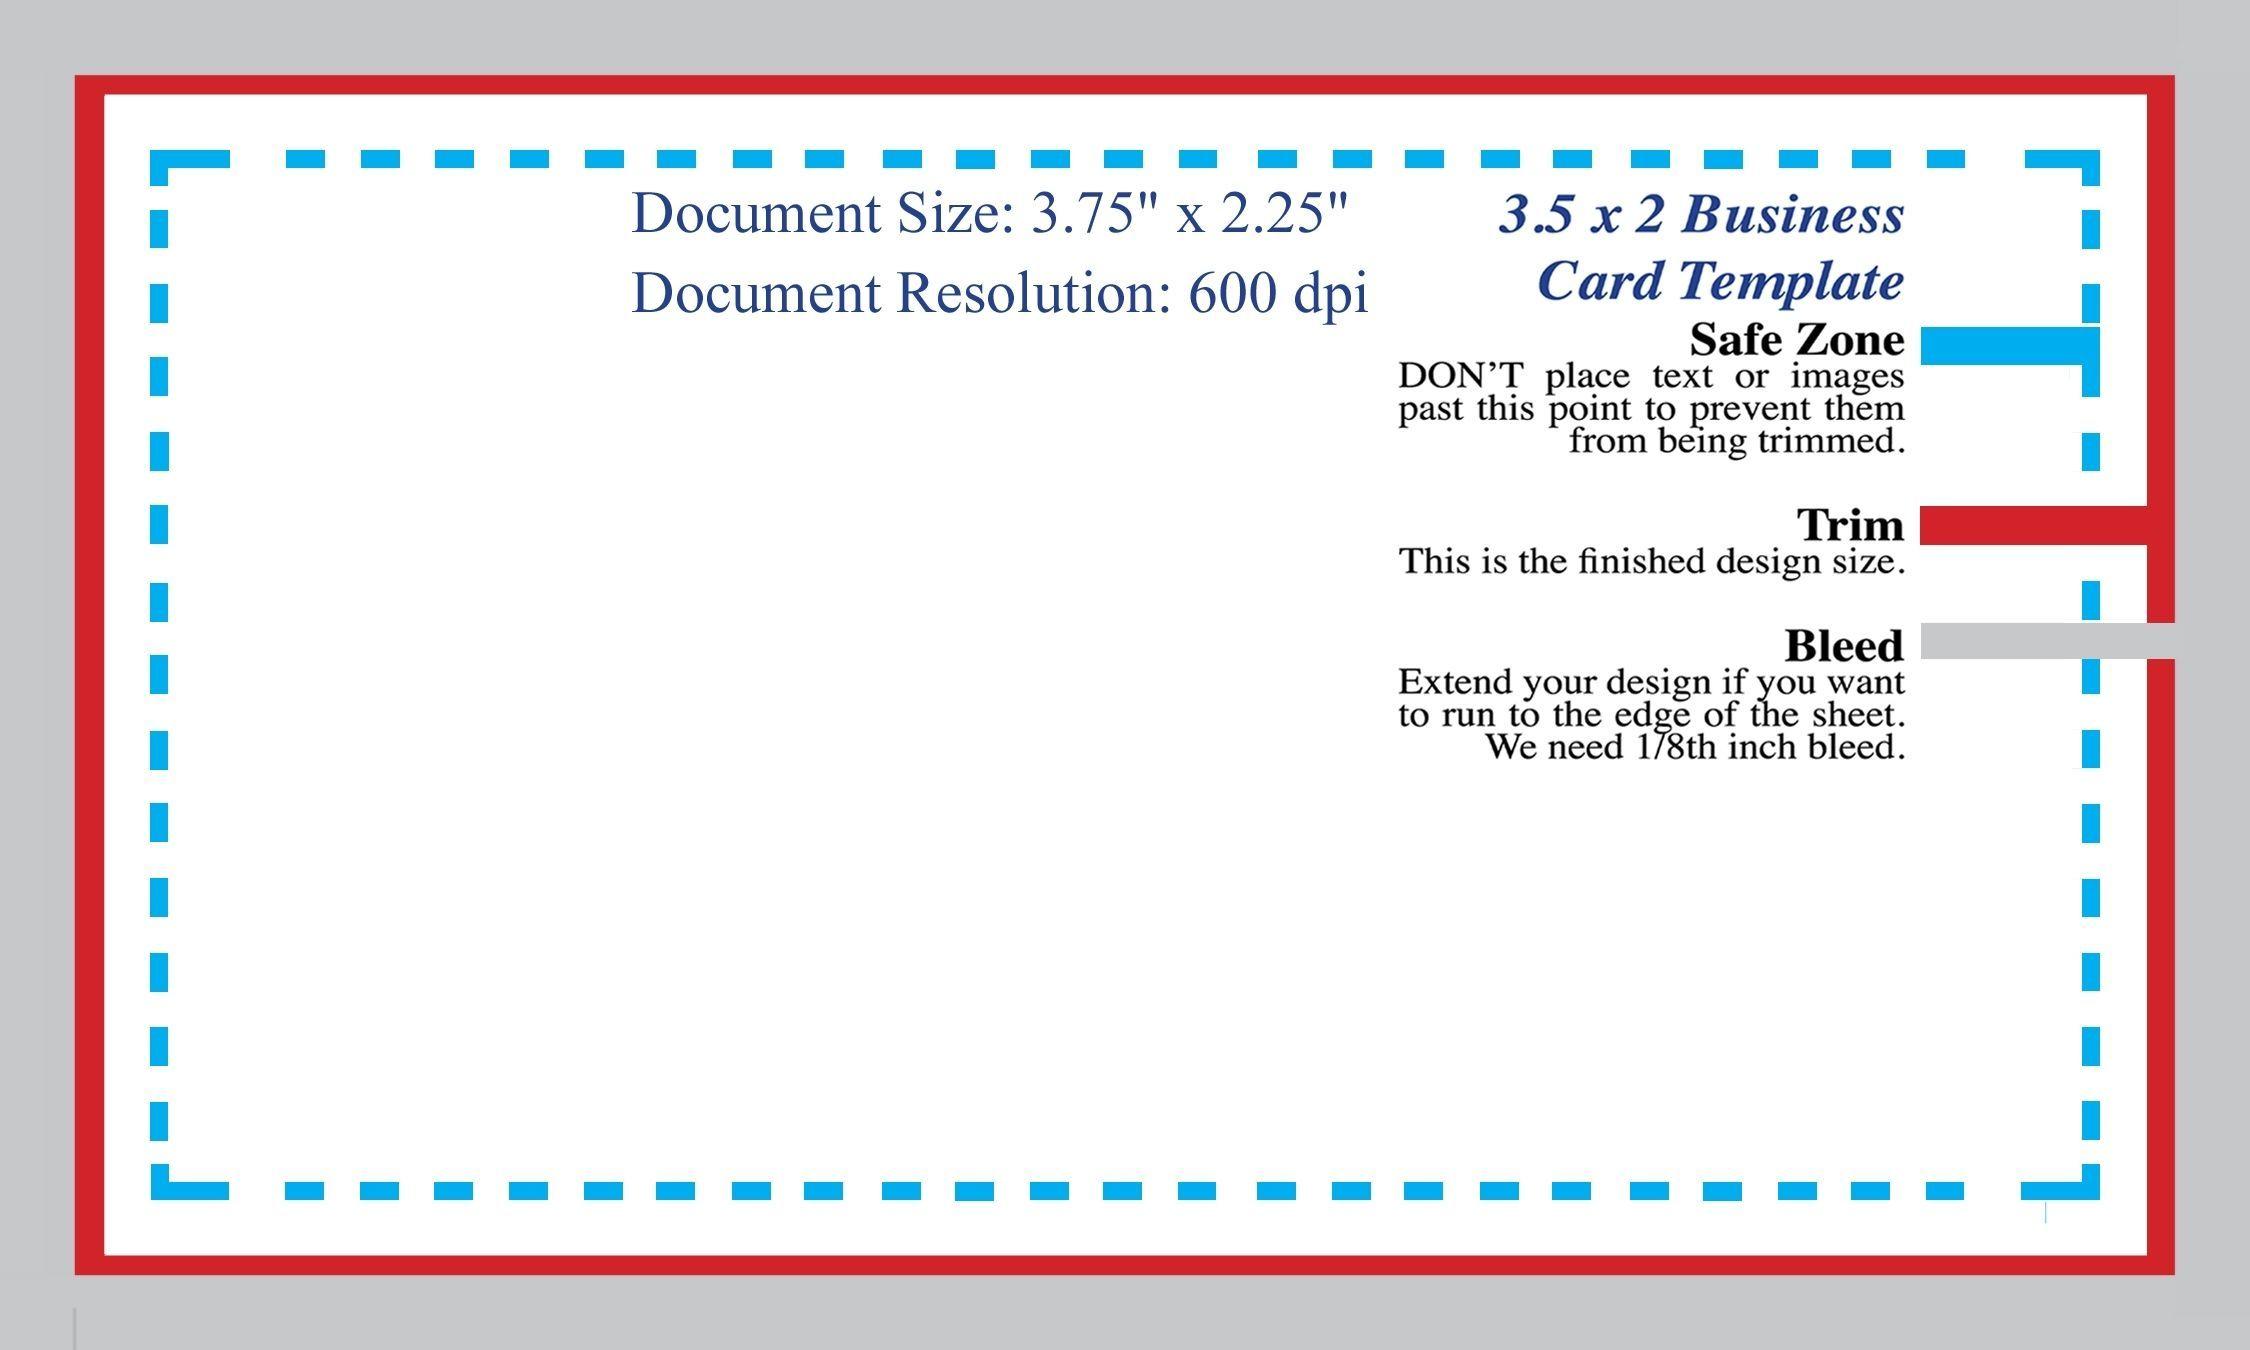 Standard Business Card Blank Template Photoshop Template Intended For Business Card Size Template Psd